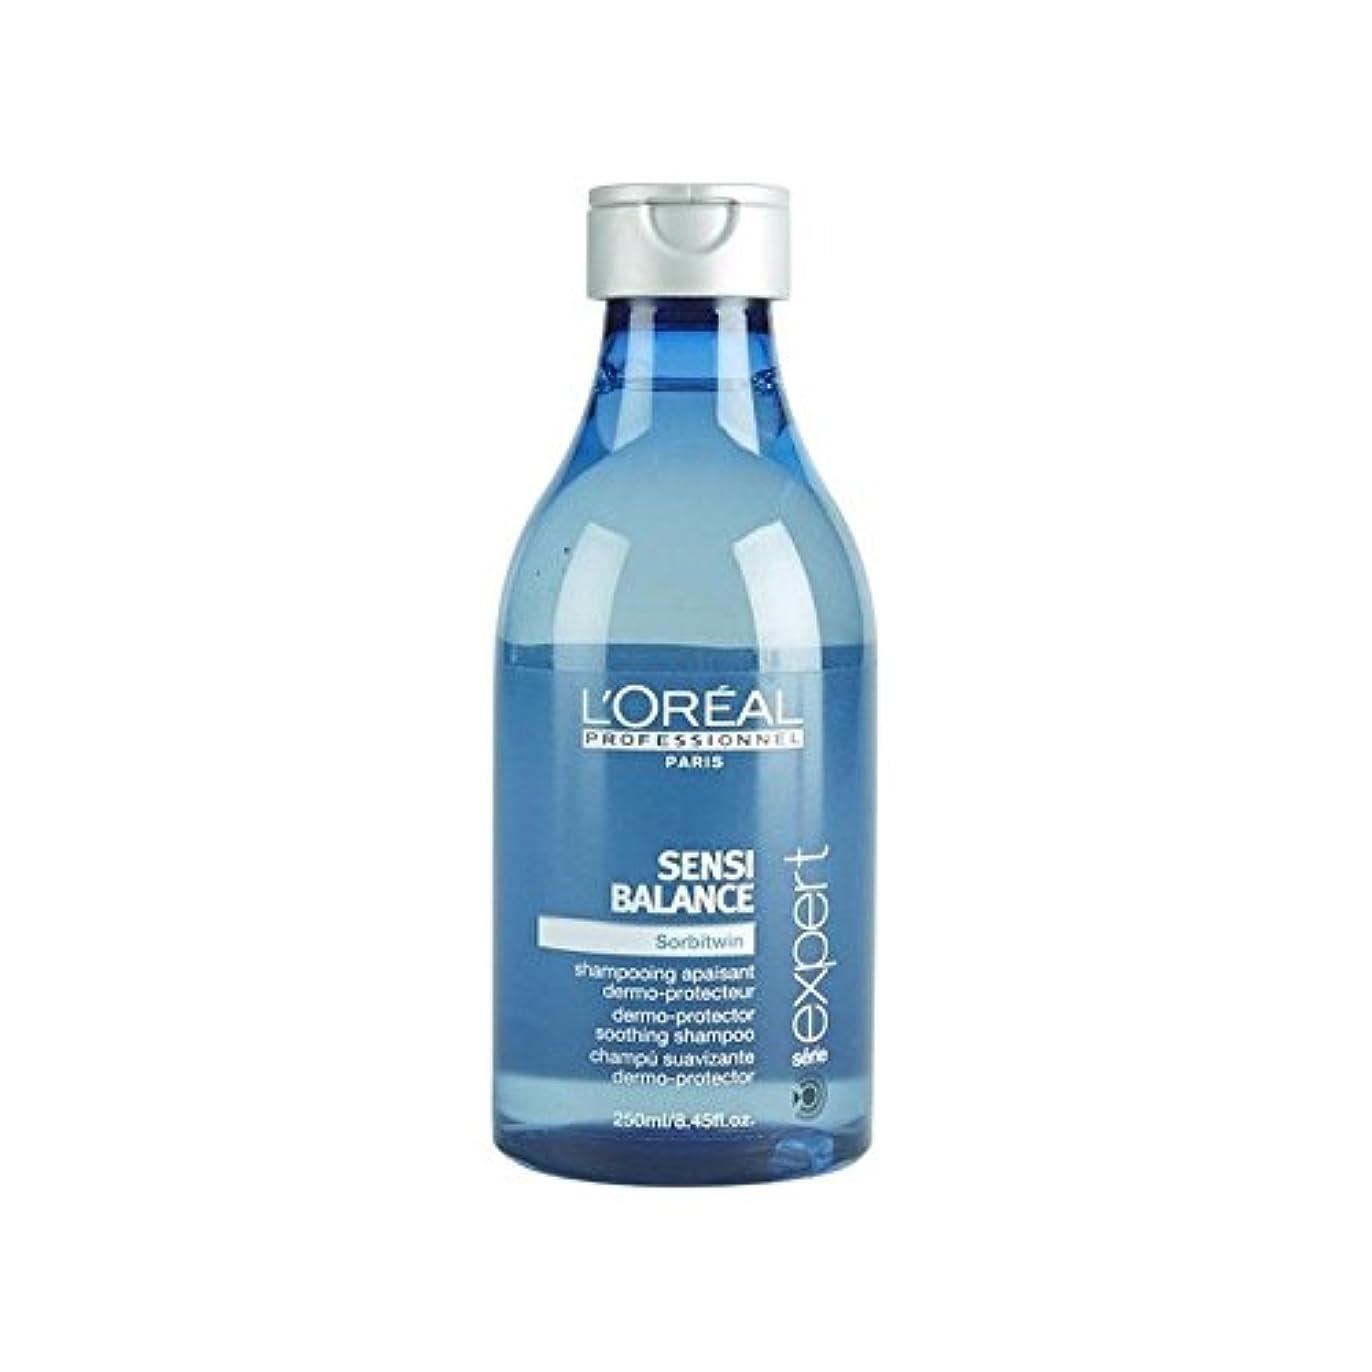 飼い慣らす宙返り以下L'Or?al Professionnel Sensi Balance Shampoo (250ml) - ロレアルプロフェッショナルセンシバランスシャンプー(250ミリリットル) [並行輸入品]